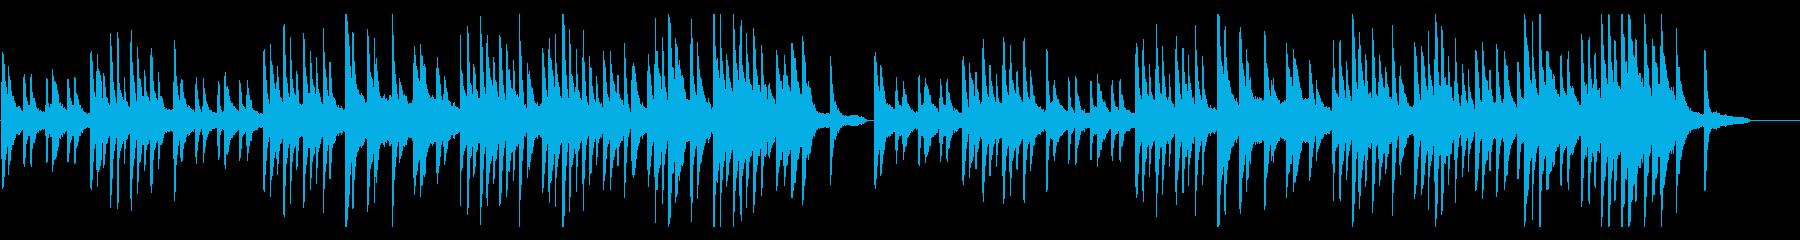 サティ ジムノペディ1番 ヒーリングの再生済みの波形